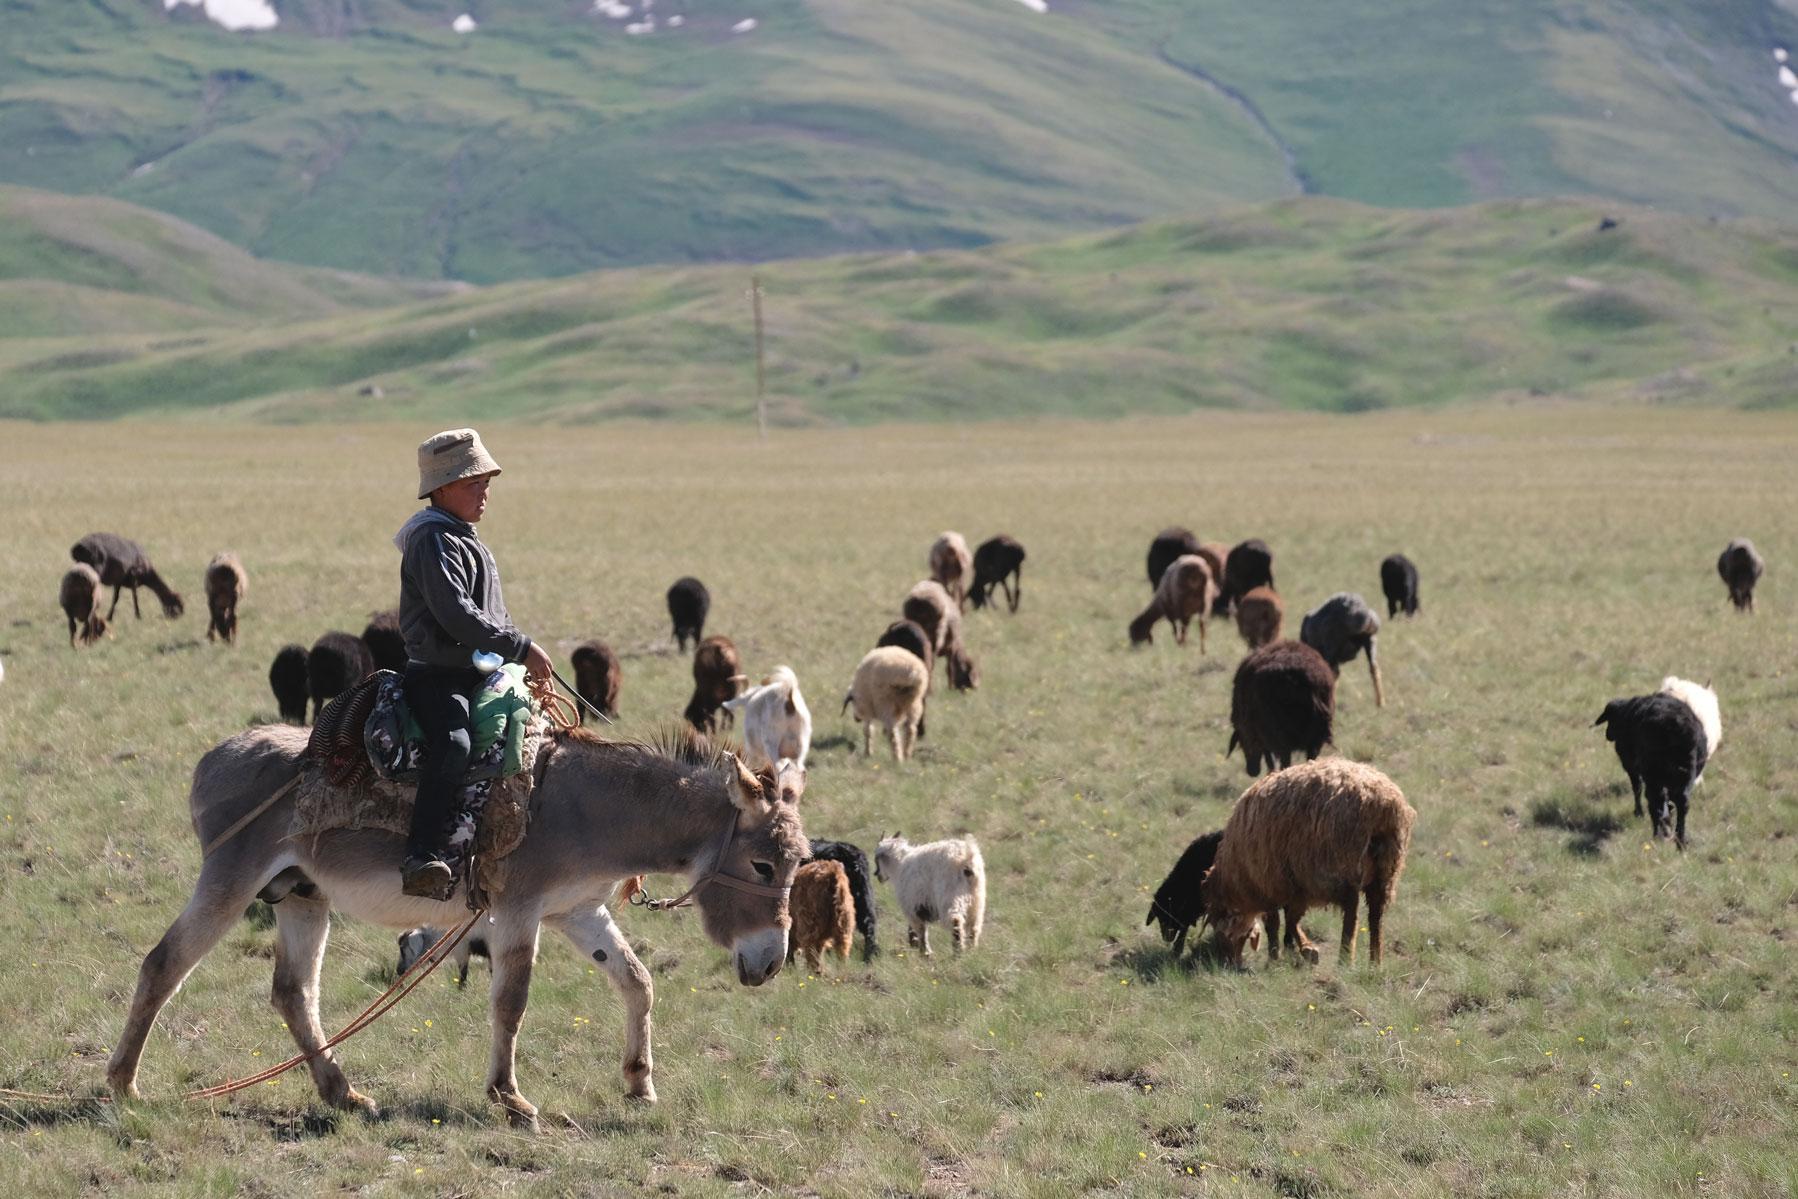 Ein Junge sitzt auf einem Esel und hütet Schafe.